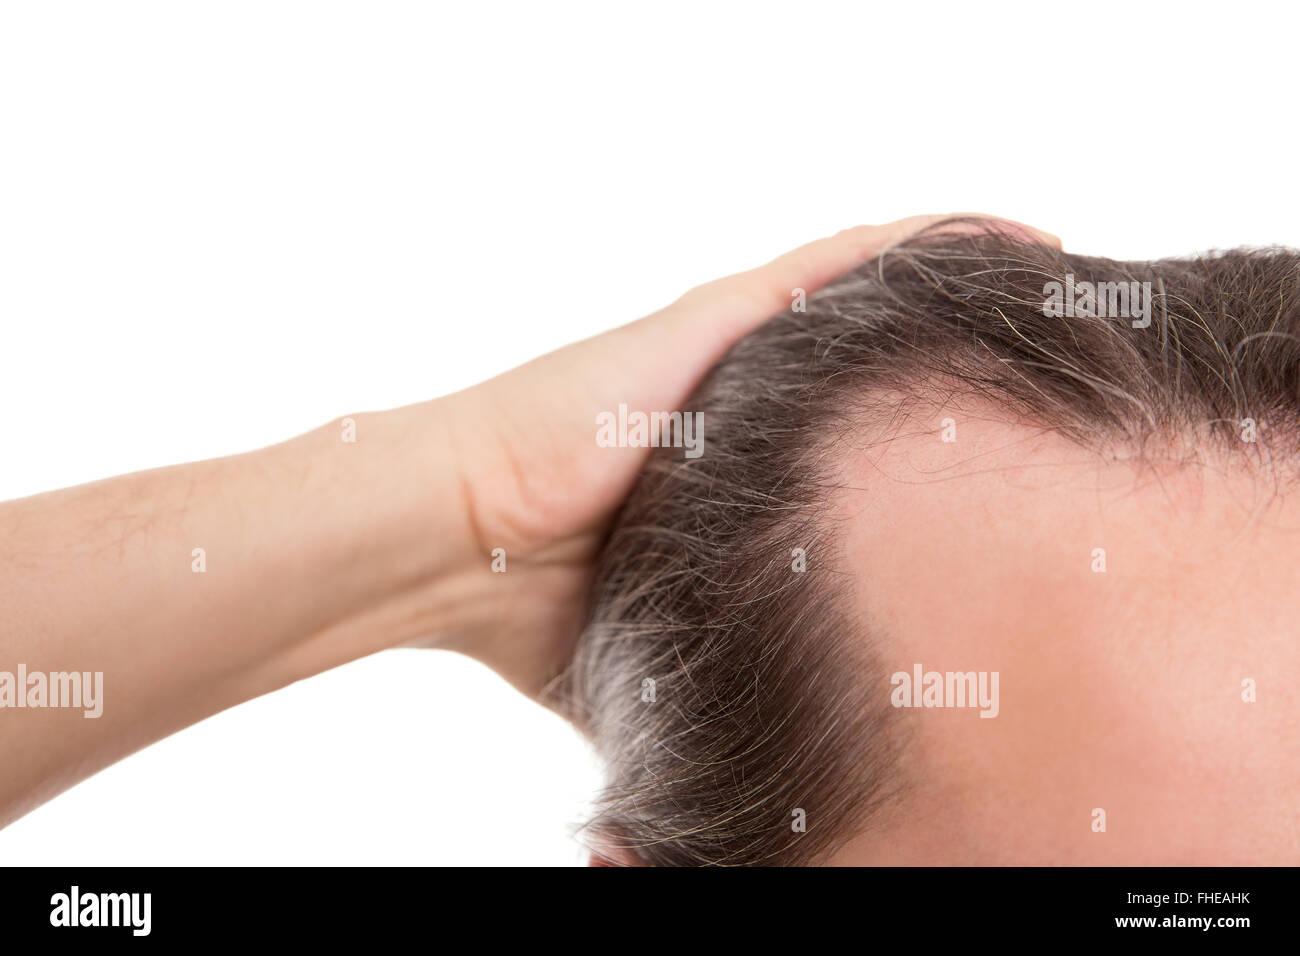 Uomo con receding hairline, closeup isolato su bianco, concetto alopecia e calvizie Immagini Stock